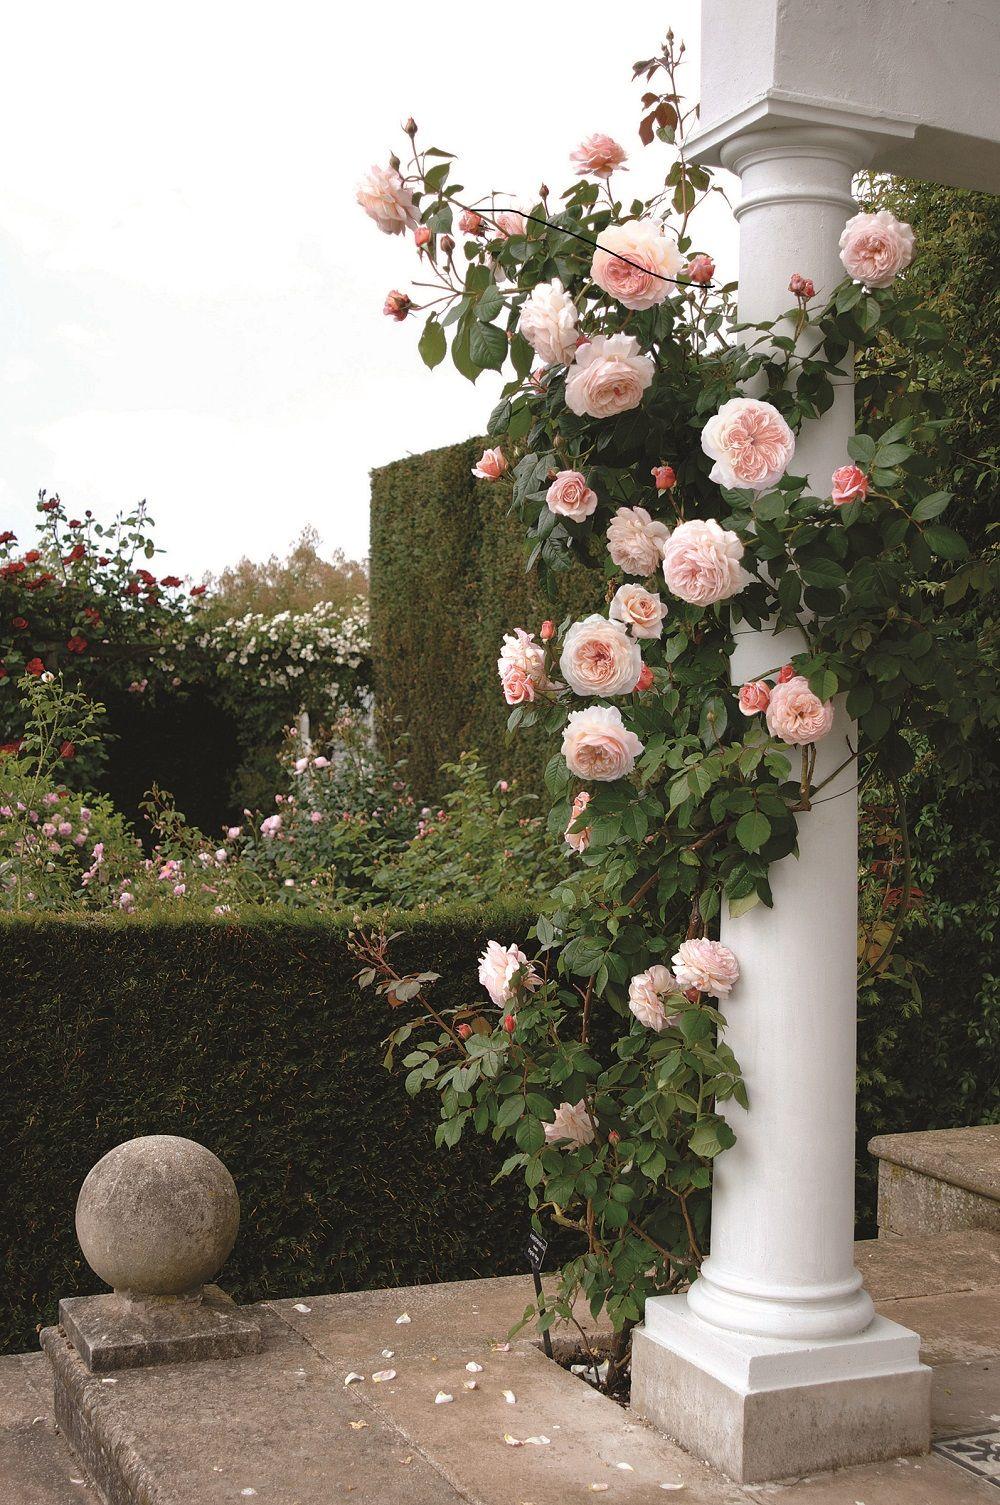 Piante Di Rose Rampicanti a shropshire lad - climbing rose   rose rampicanti, angolo